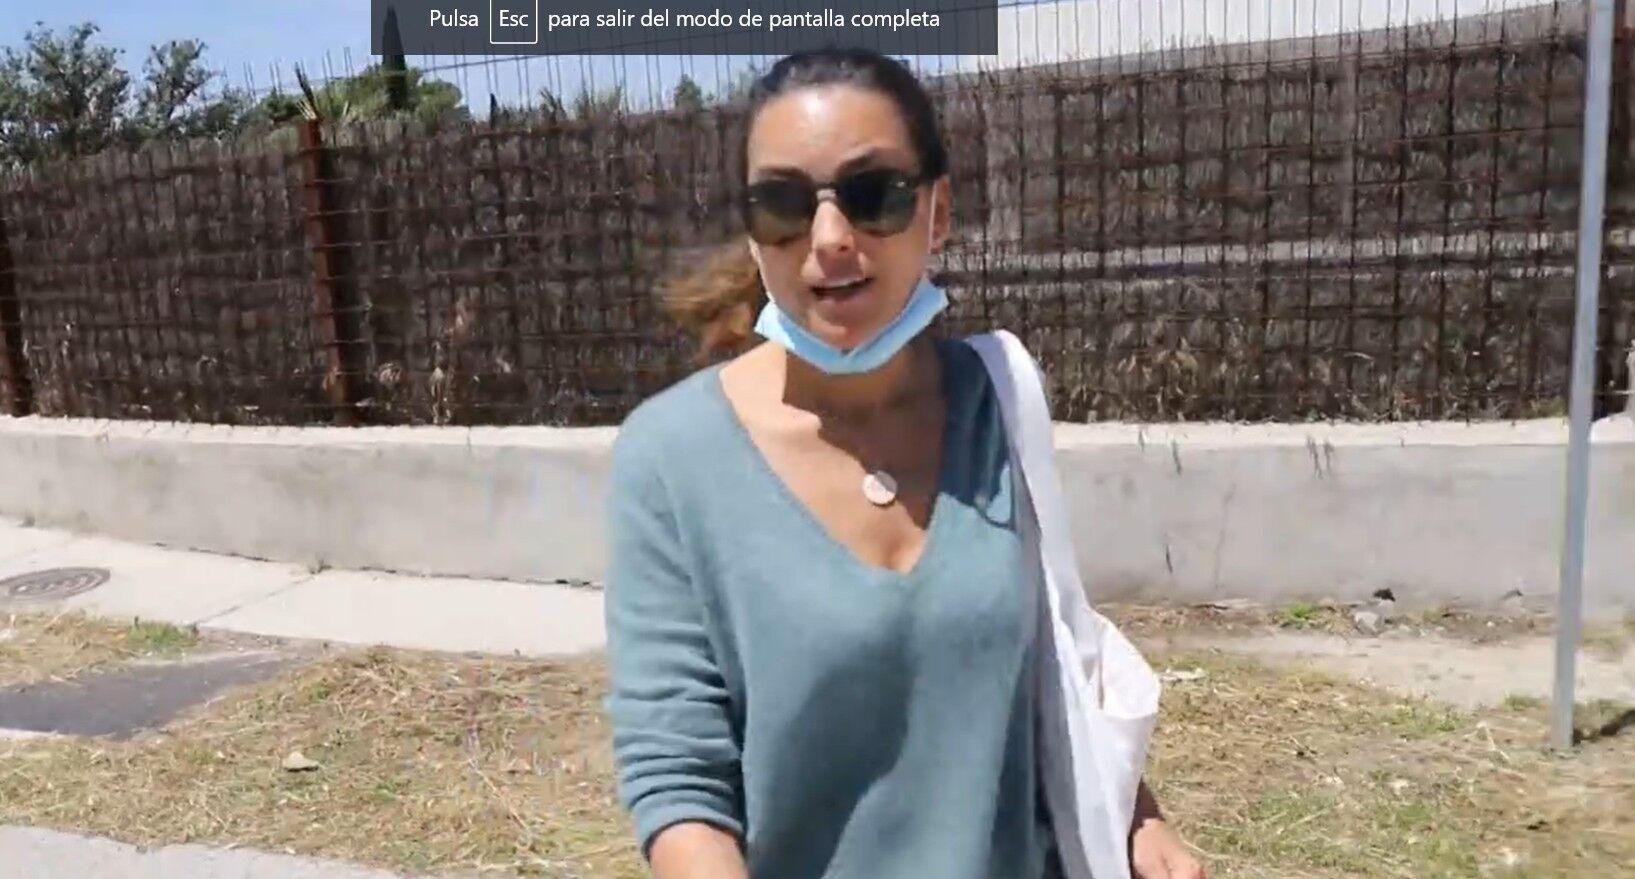 Primeras palabras de María Palacios tras la pérdida de Álex Lequio